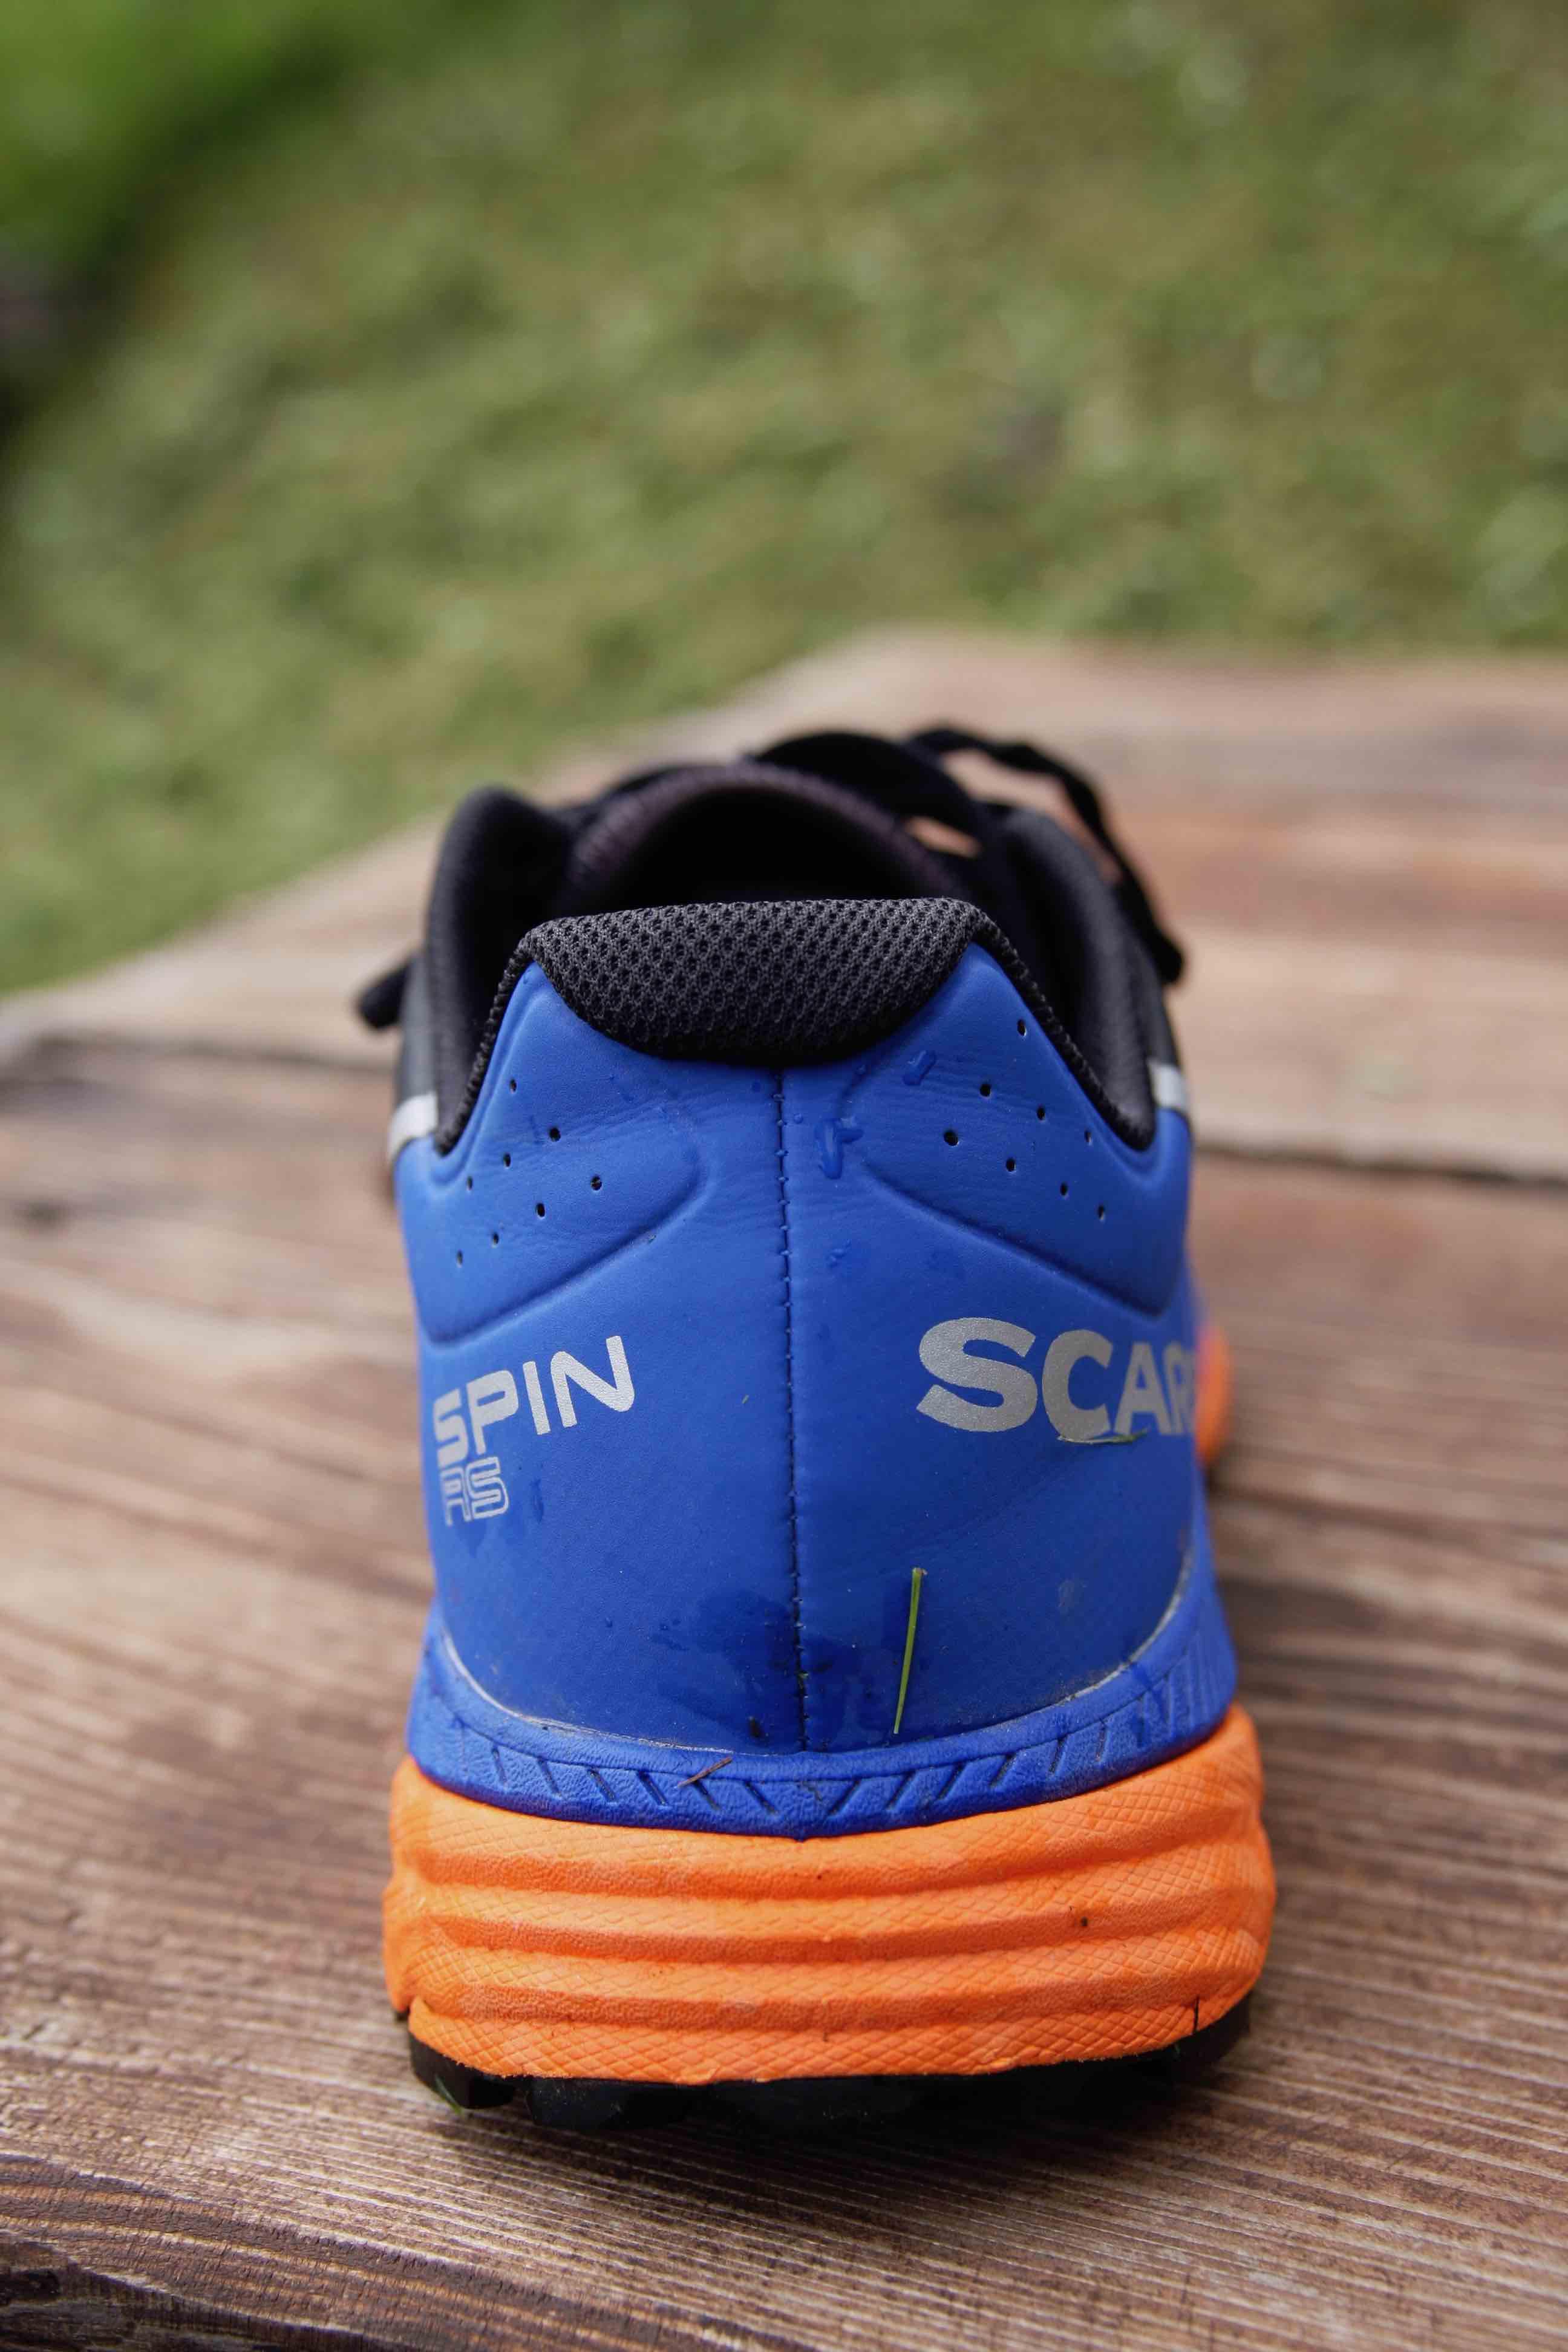 particolare drop Scarpa Spin RS 2018